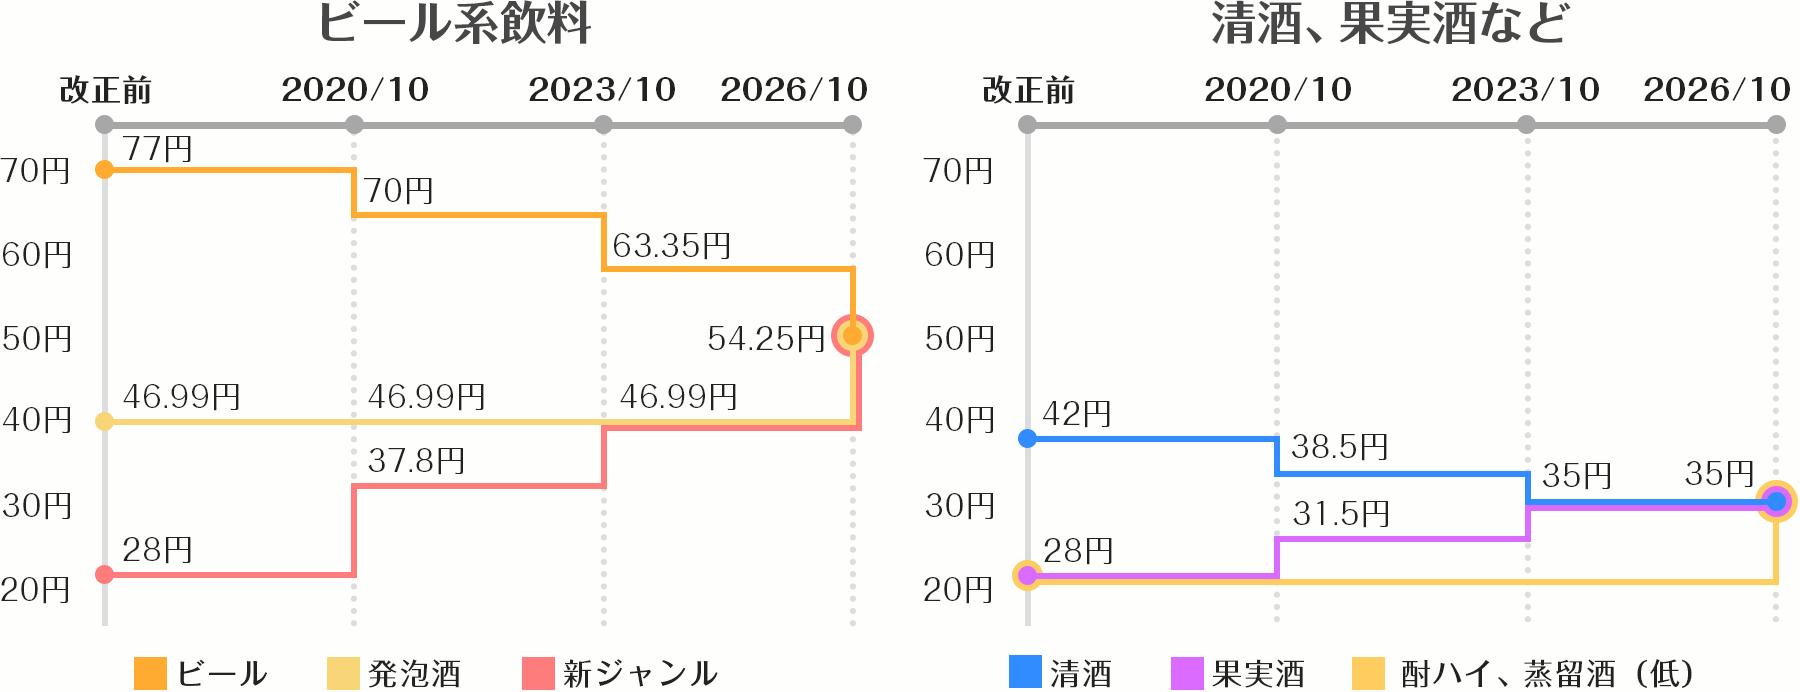 酒税の流れグラフ